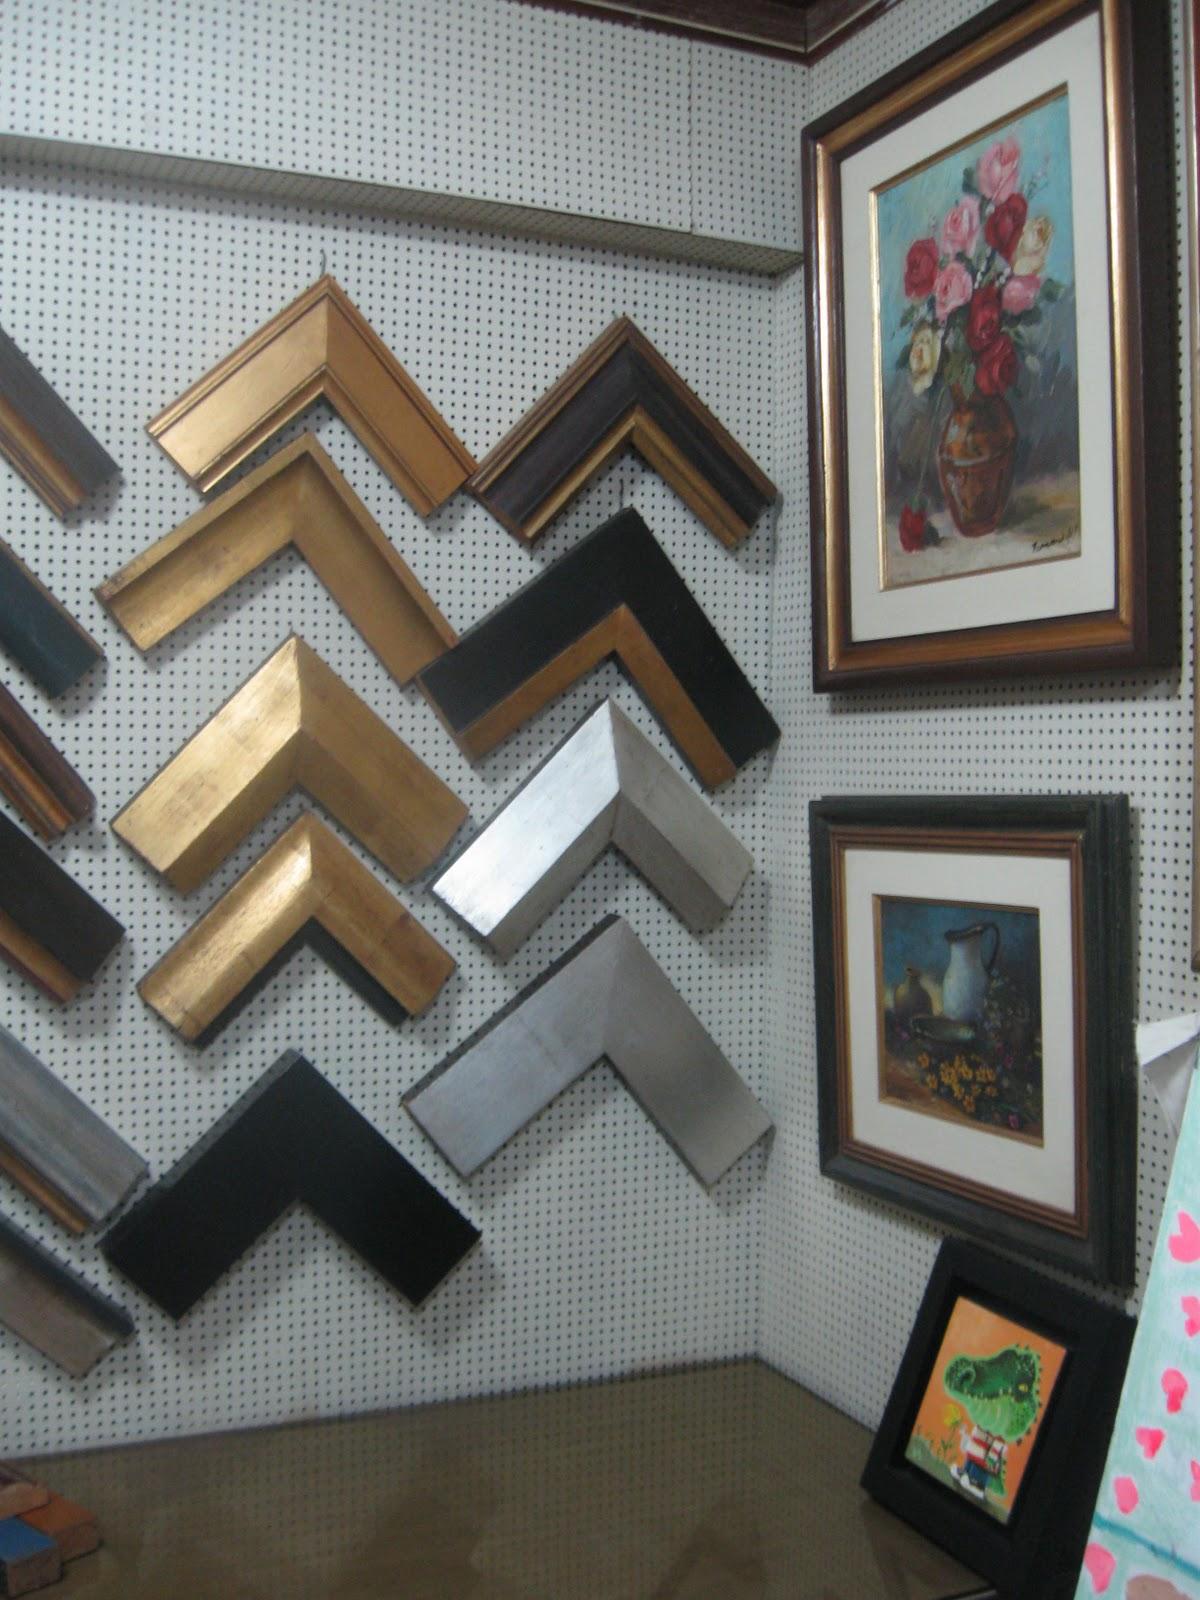 Marccos galeria de arte enmarcado profesional de cuadros - Enmarcado de cuadros ...